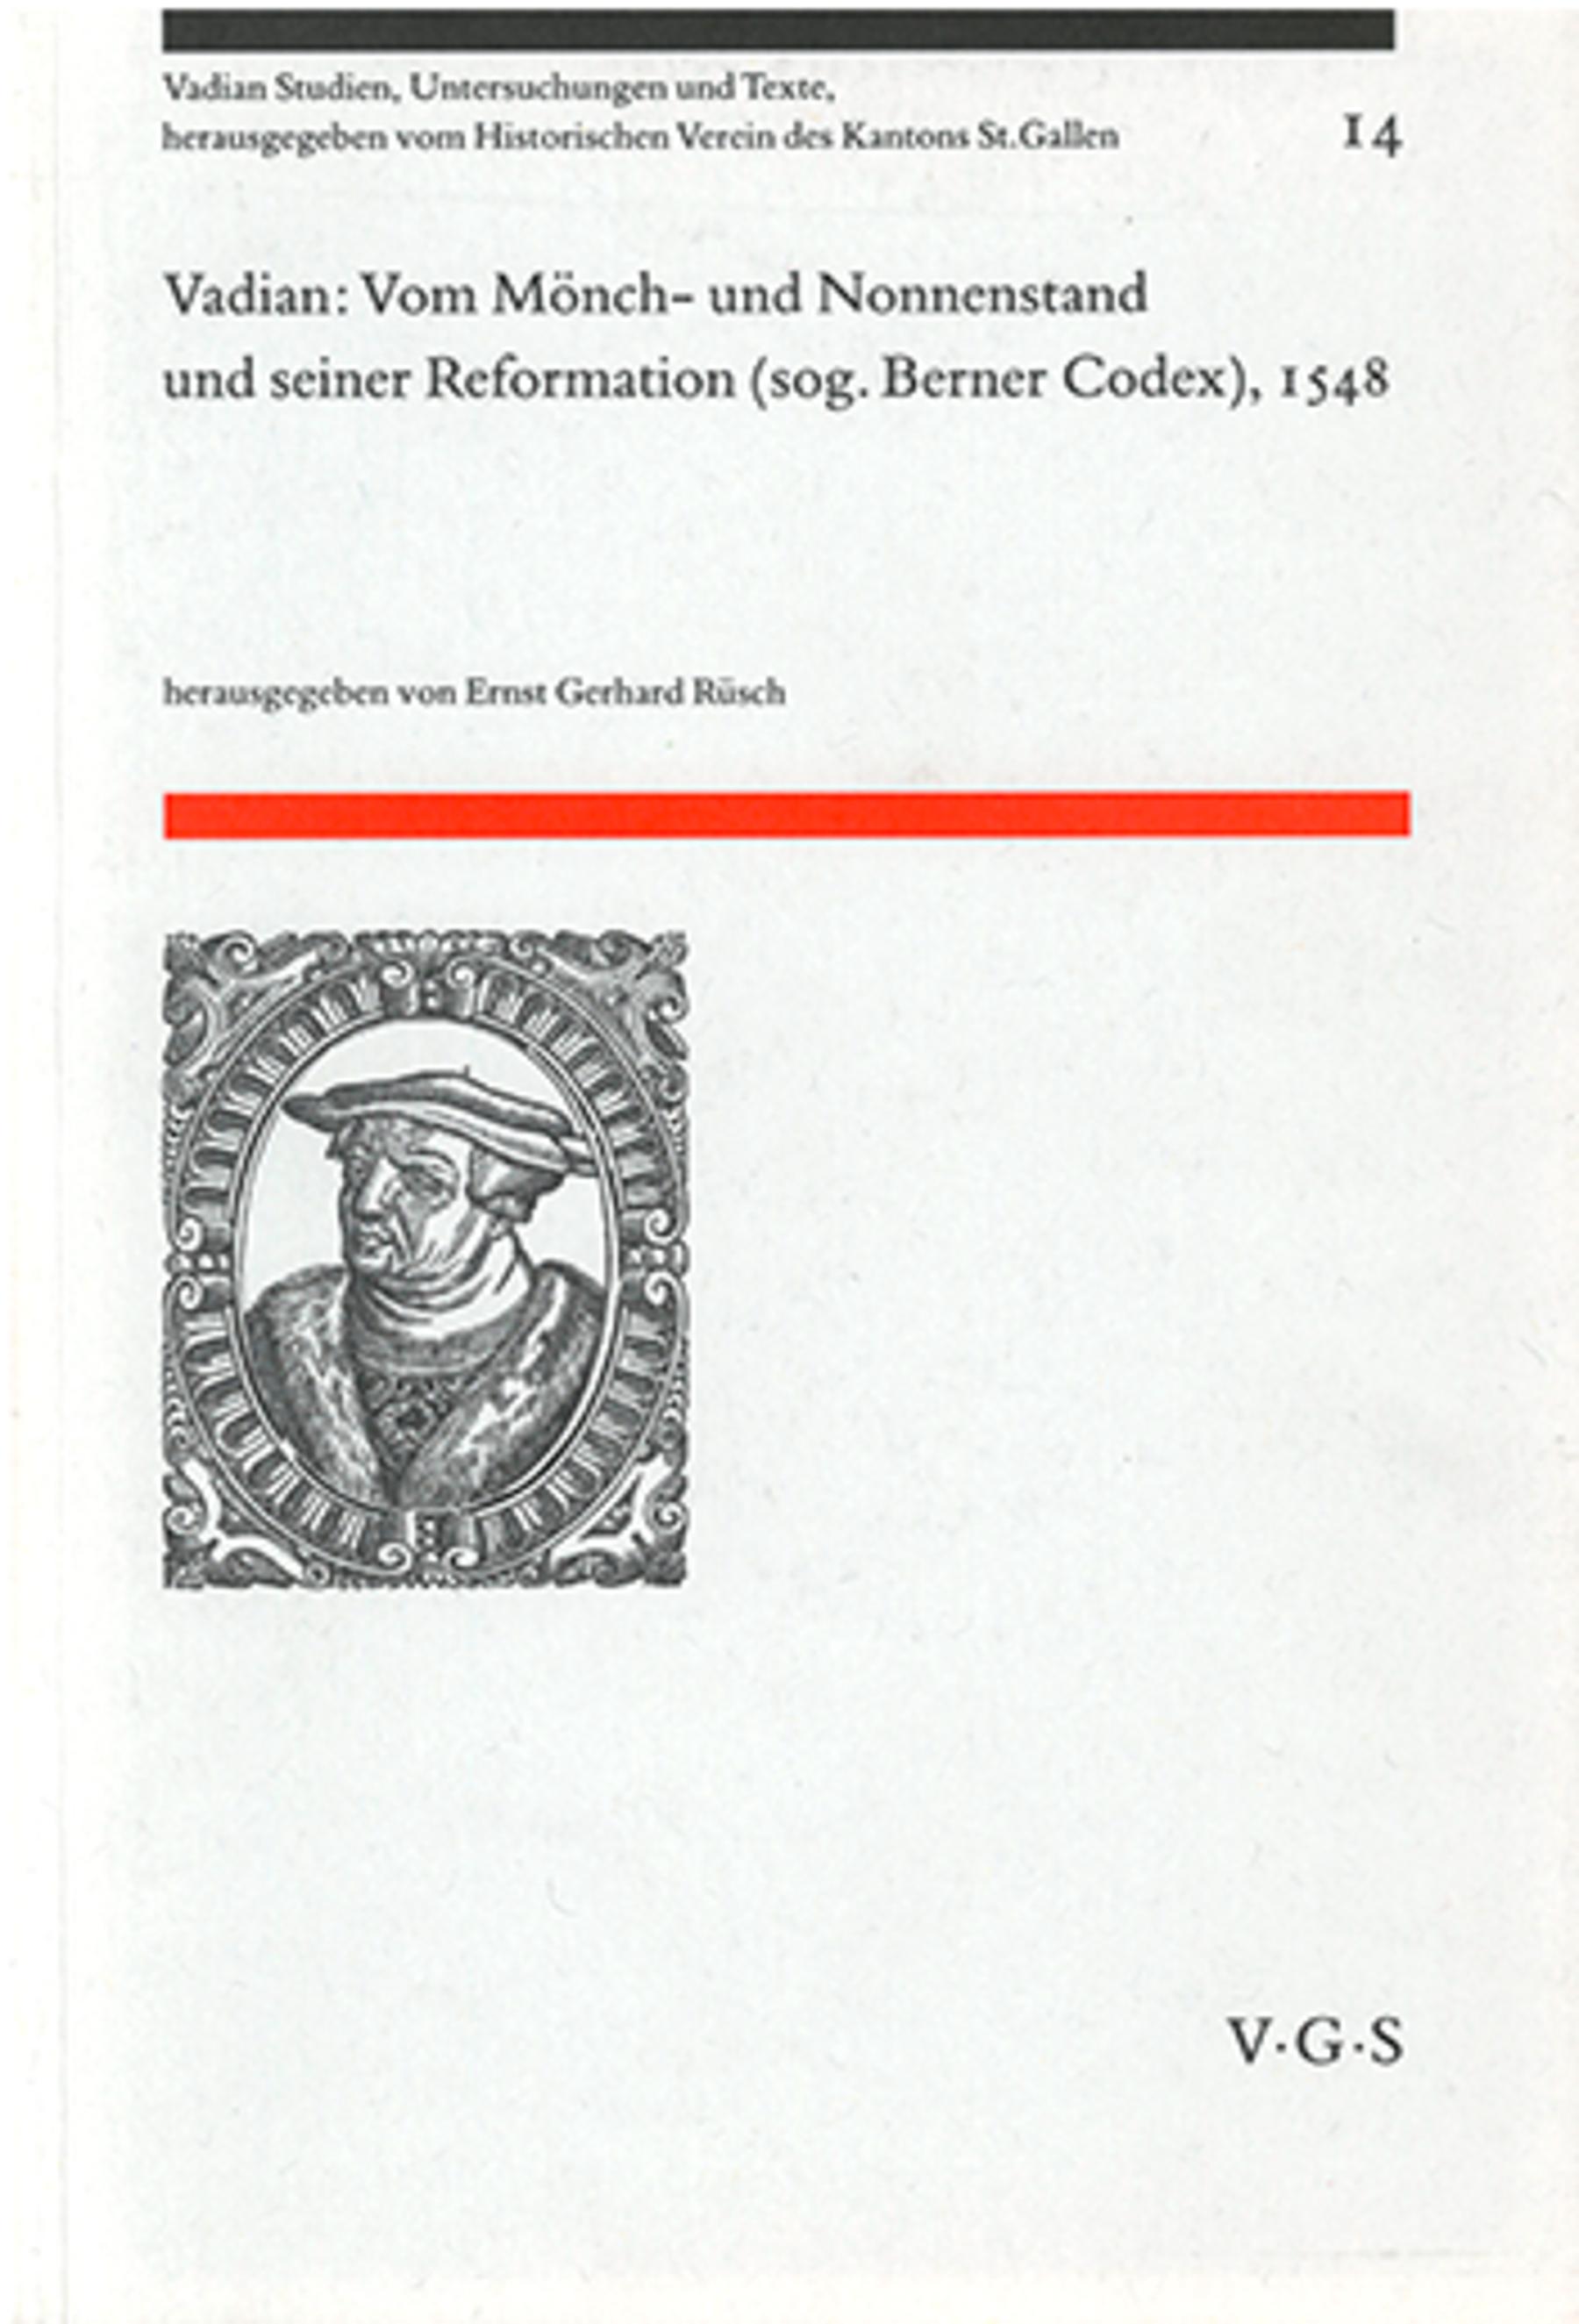 Vadian: Vom Mönch- und Nonnenstand <p><p>und seiner Reformation (sog. Berner Cod